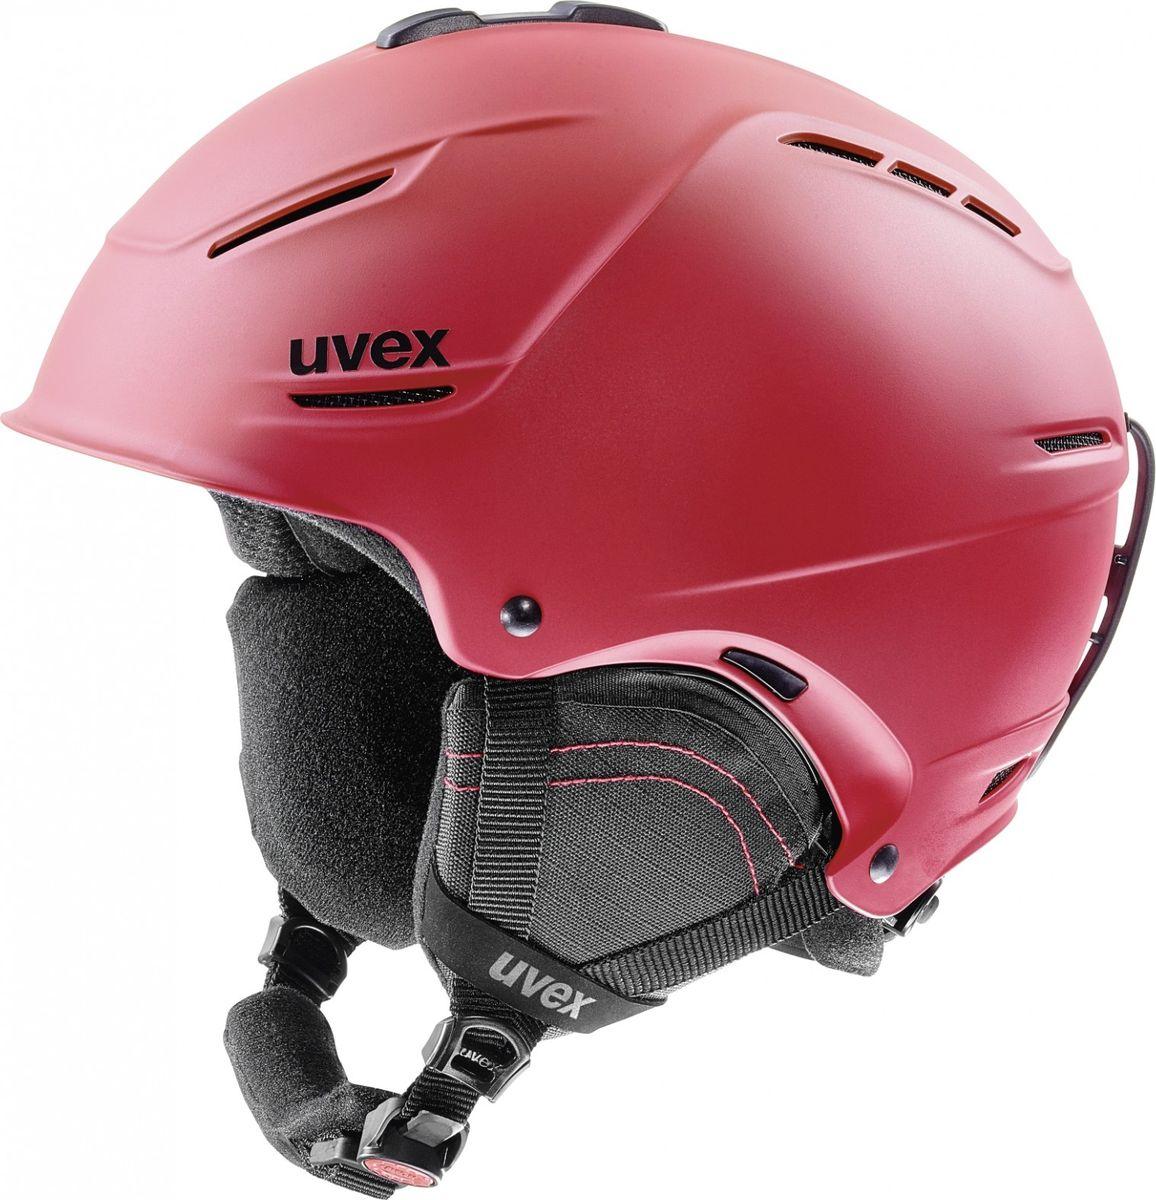 Шлем горнолыжный Uvex P1us 2.0 Helmet, цвет: красный матовый. Размер 55/596211Удобный шлем Uvex P1us 2.0 Helmet с конструкцией +technology обеспечит безопасность на склоне.В модели предусмотрена съемная защита ушей с технологией Natural Sound, которая не искажает звуки. Гипоаллергенная подкладка и регулируемая вентиляция гарантируют комфорт во время катания. Фиксатор стрэпа маски и застежка monomatiс, которую легко отрегулировать одной рукой, служат для удобства использования.